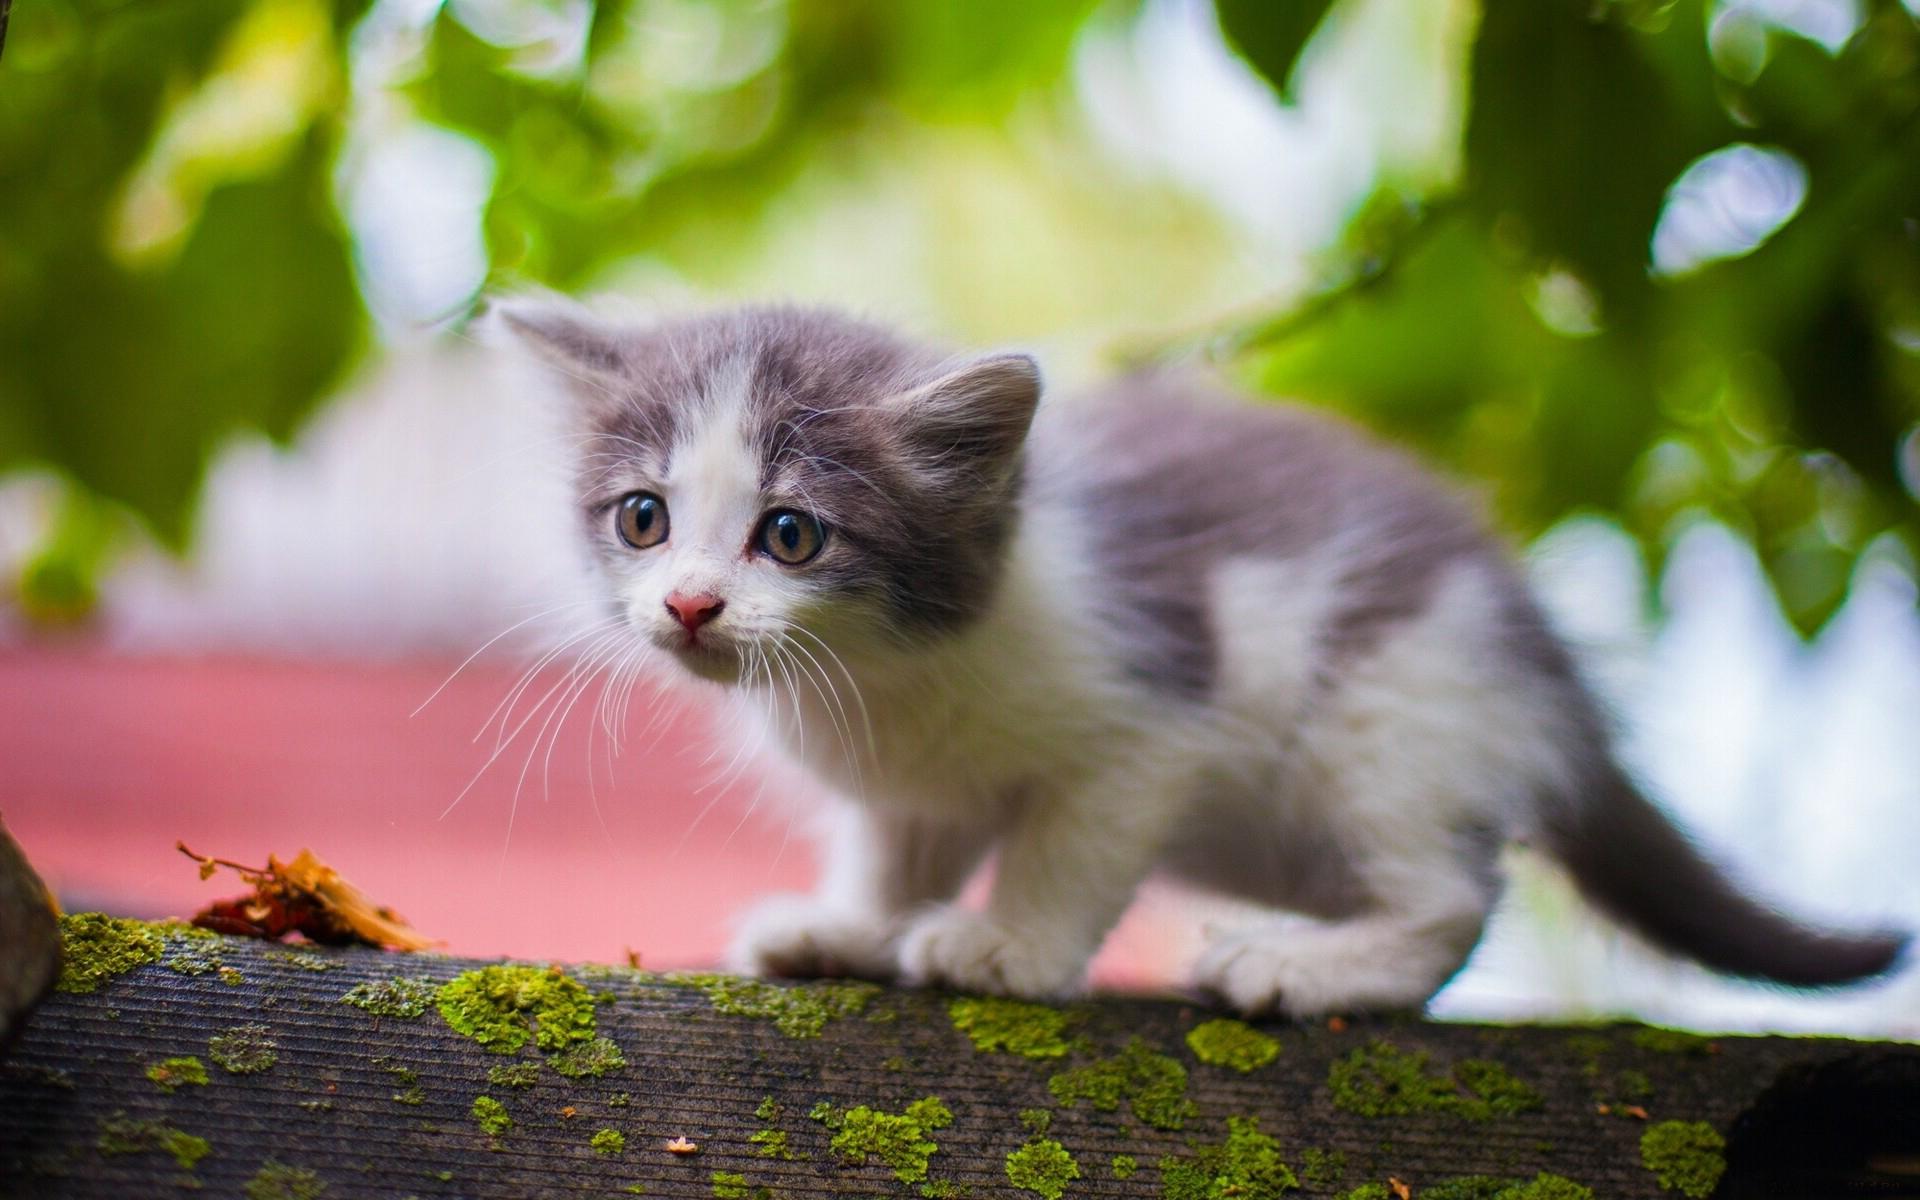 других фотографии котят в очень высоком разрешении идёт полноценной философии